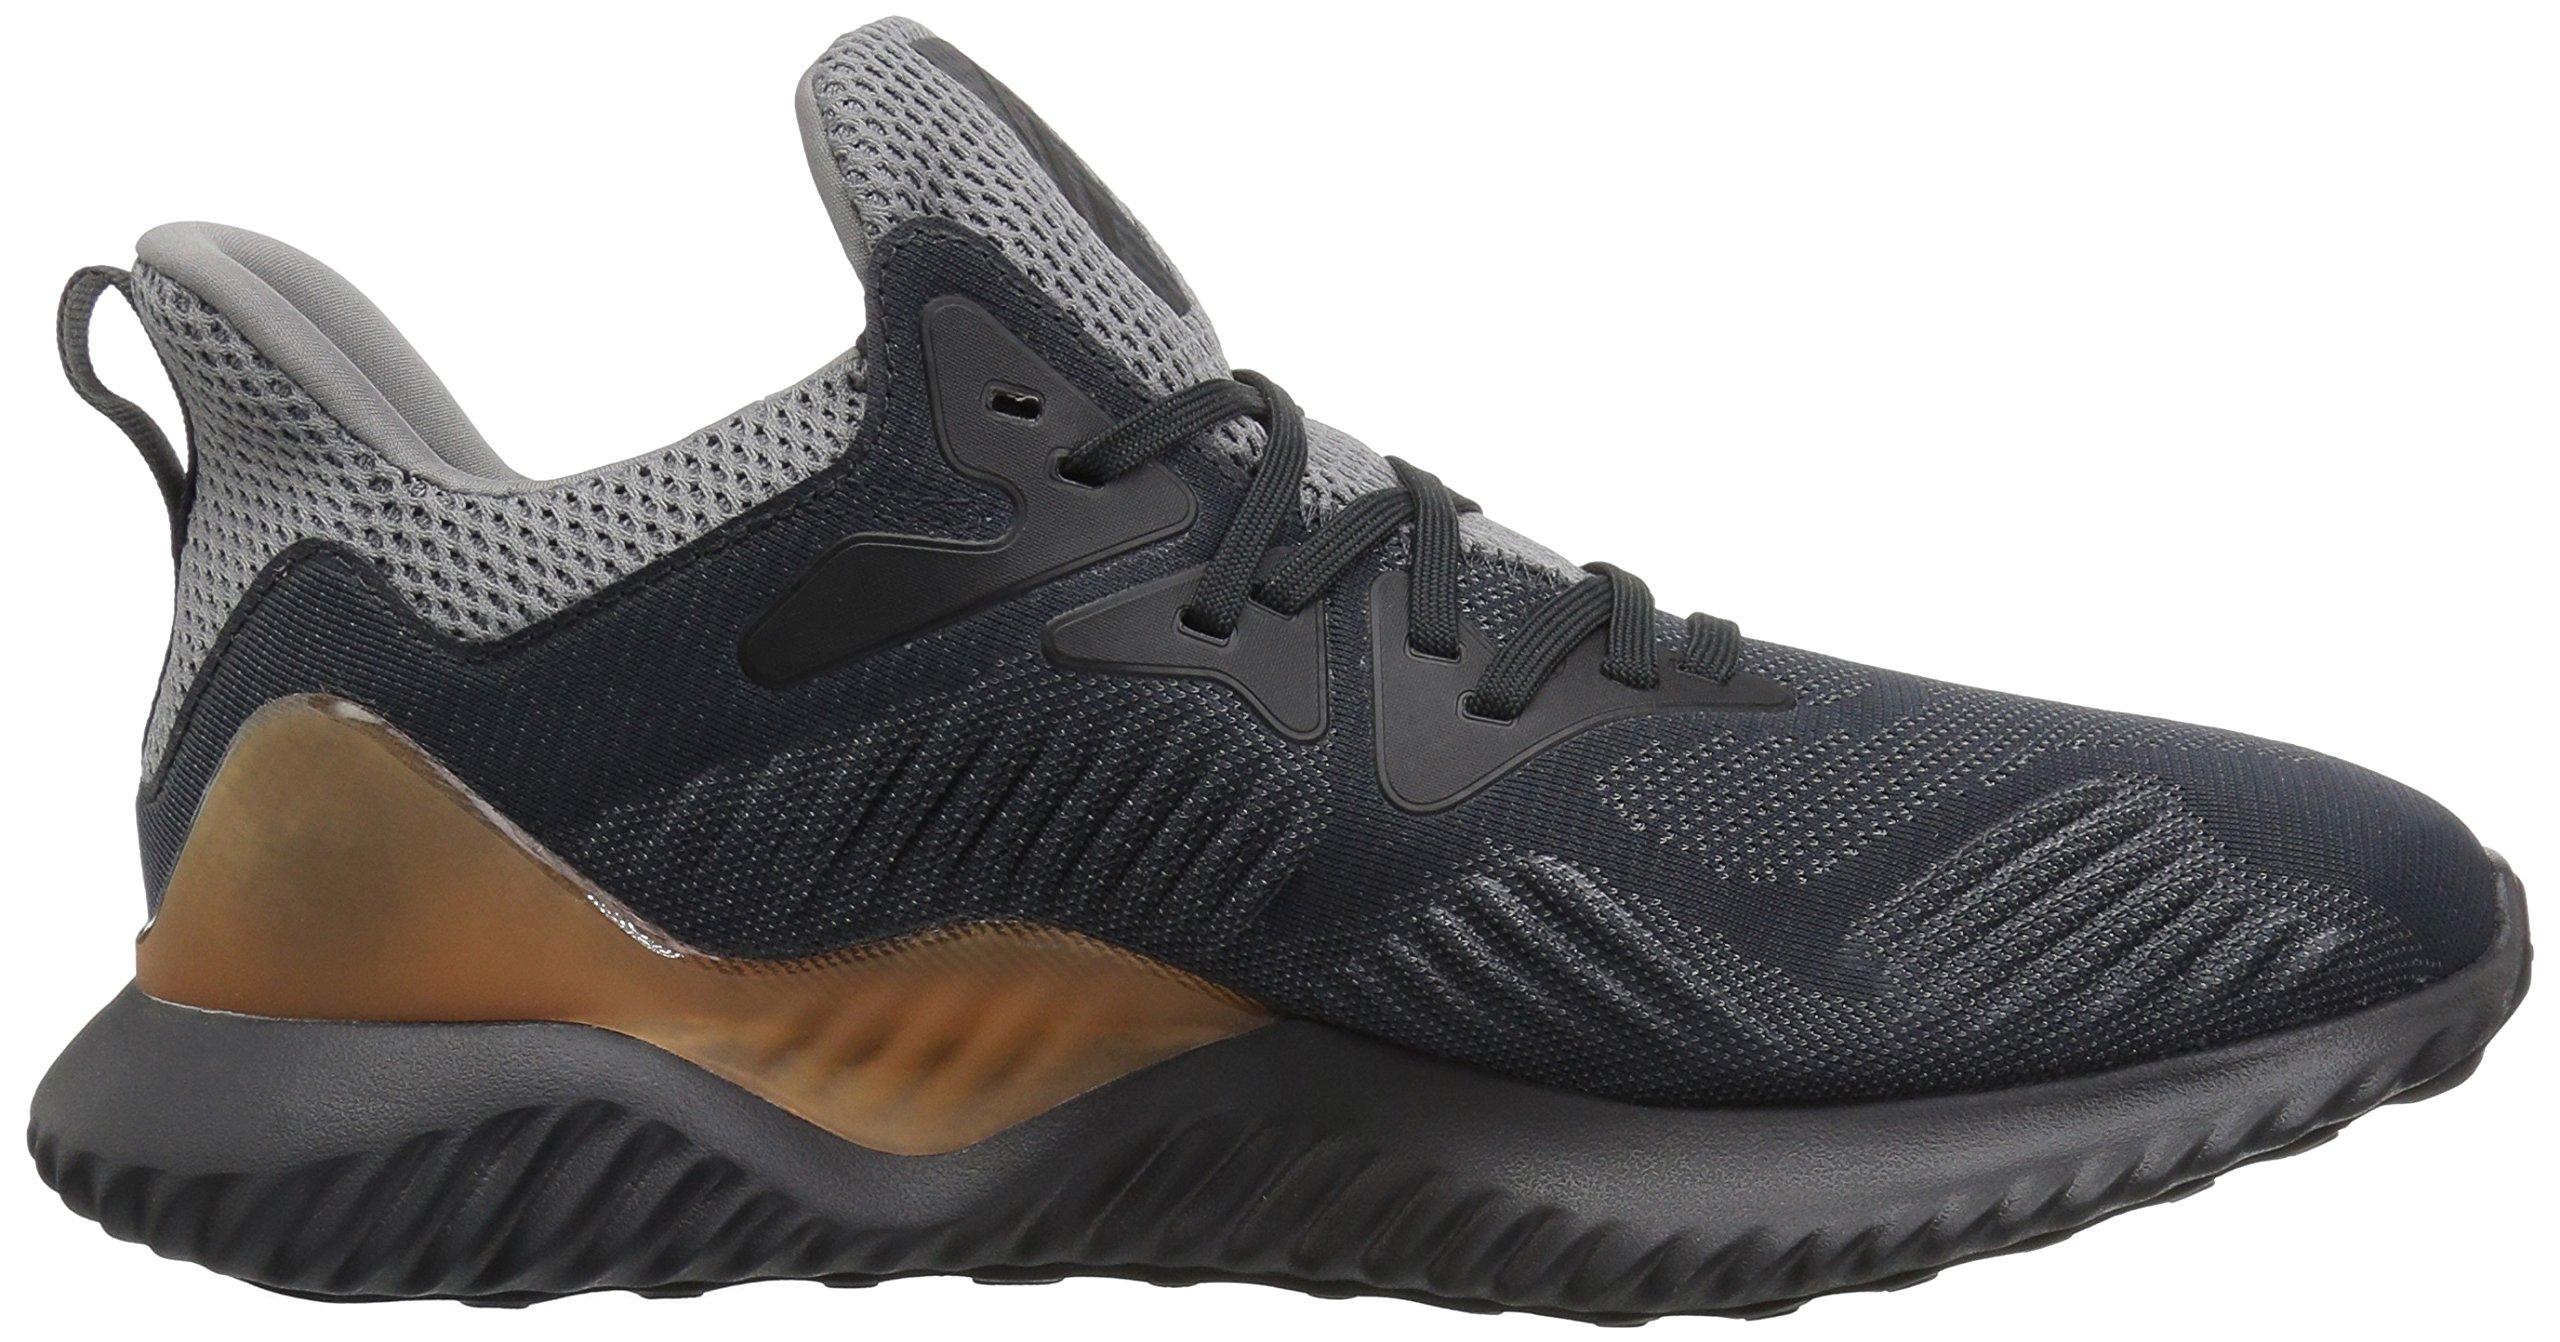 adidas Alphabounce 2 m, Grey Four/Carbon/Dark Solid Grey, 6.5 Medium US by adidas (Image #6)